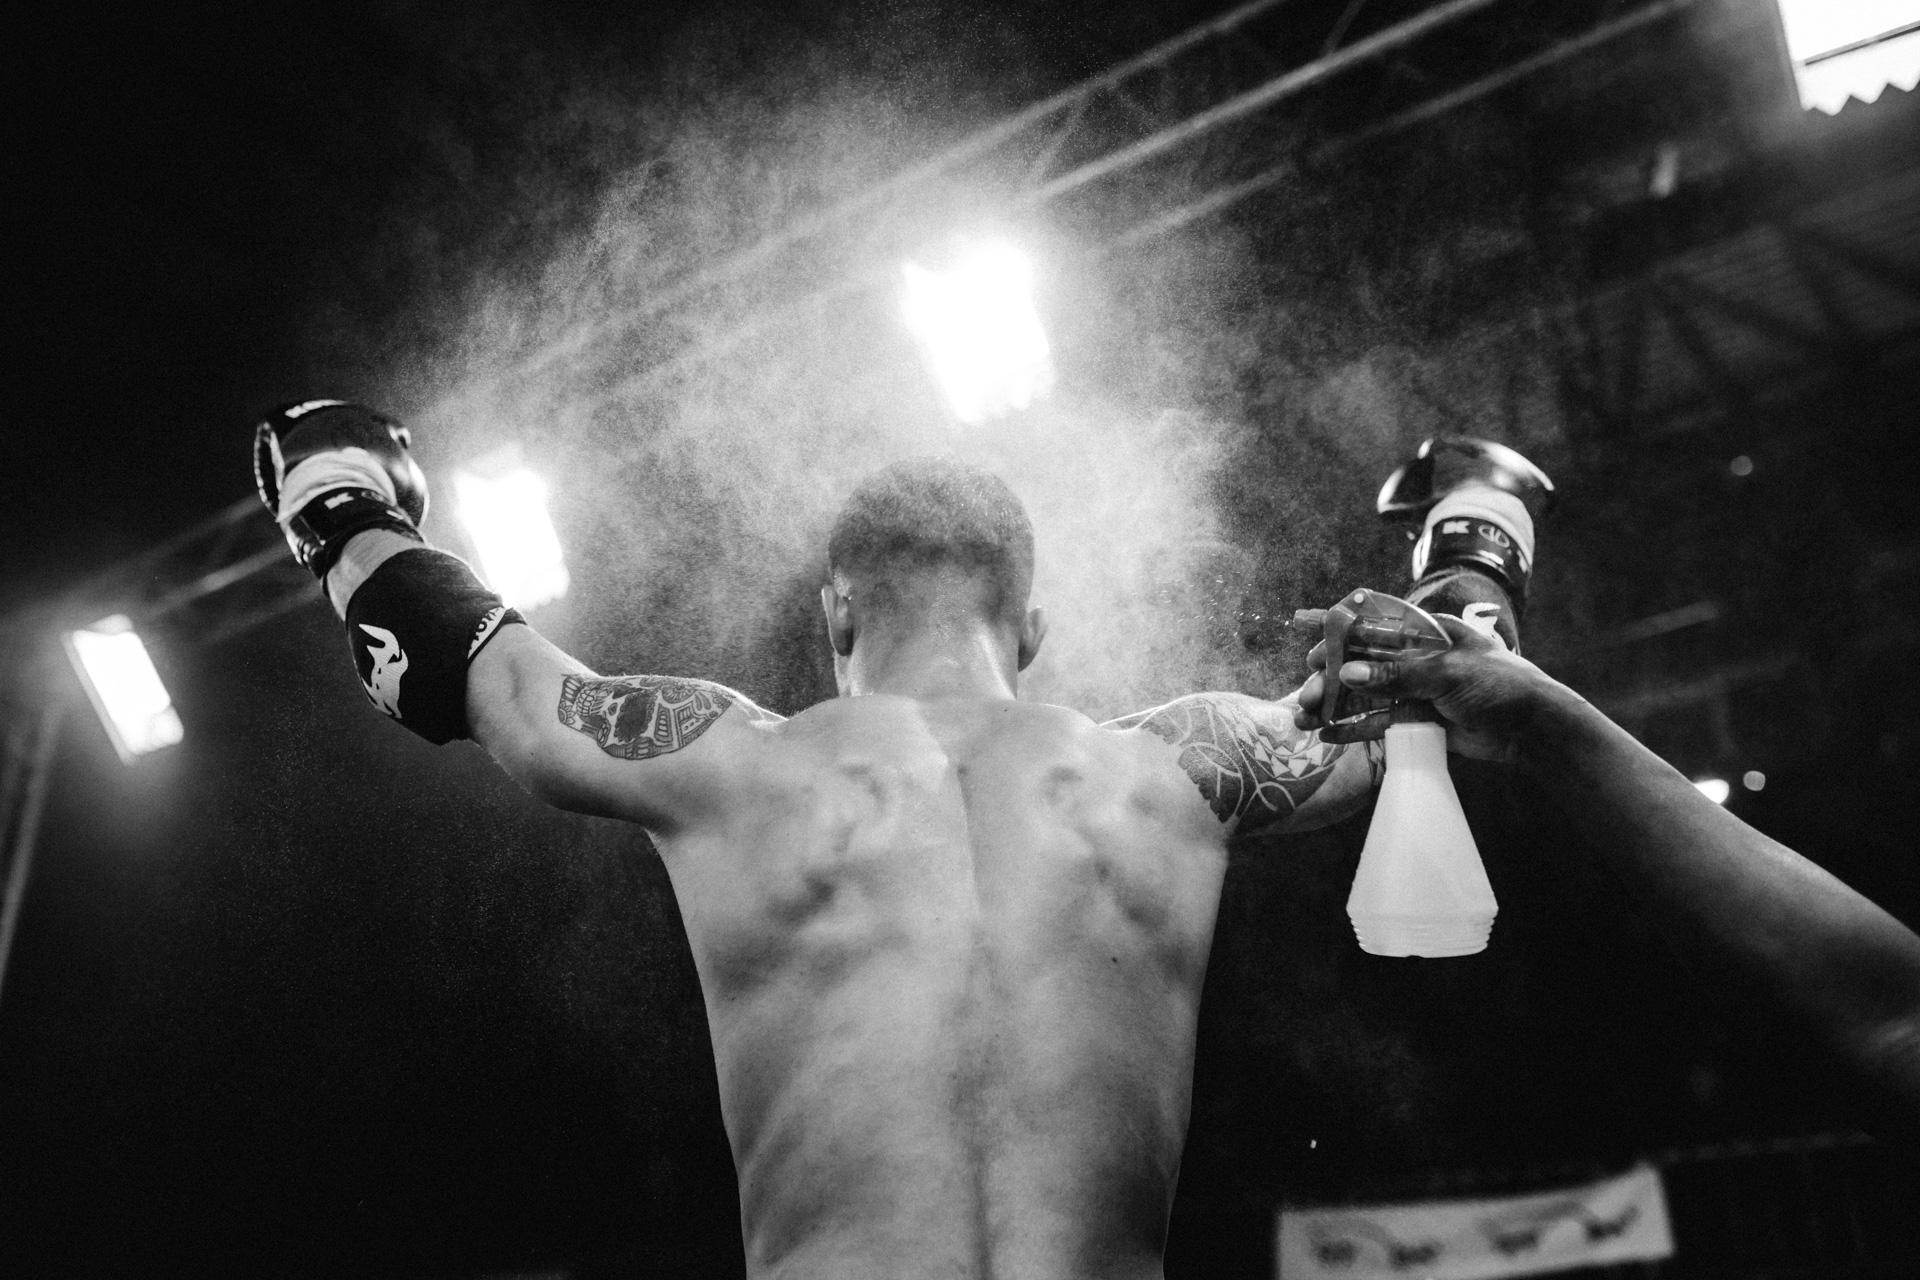 damien-dohmen-konateam-boxe-25